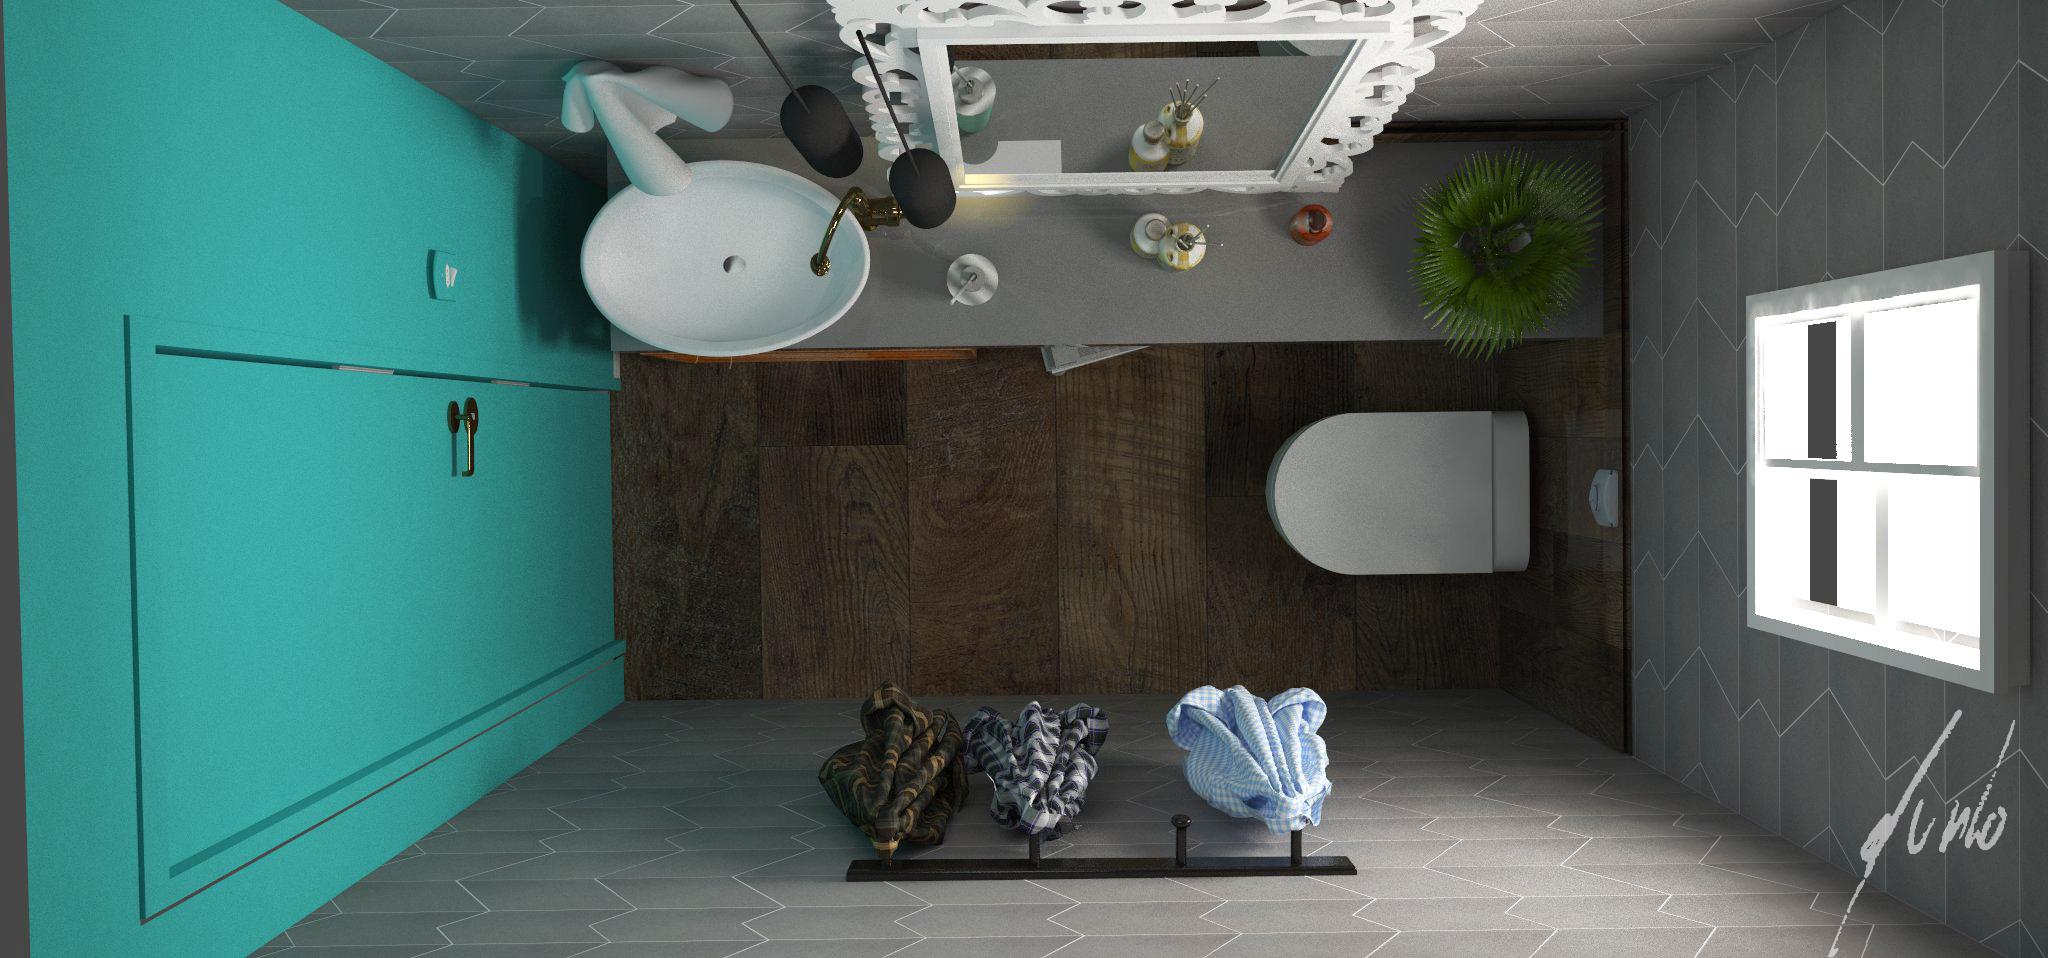 de interiores simulador de design de interiores projetos de design de #349794 2048 958